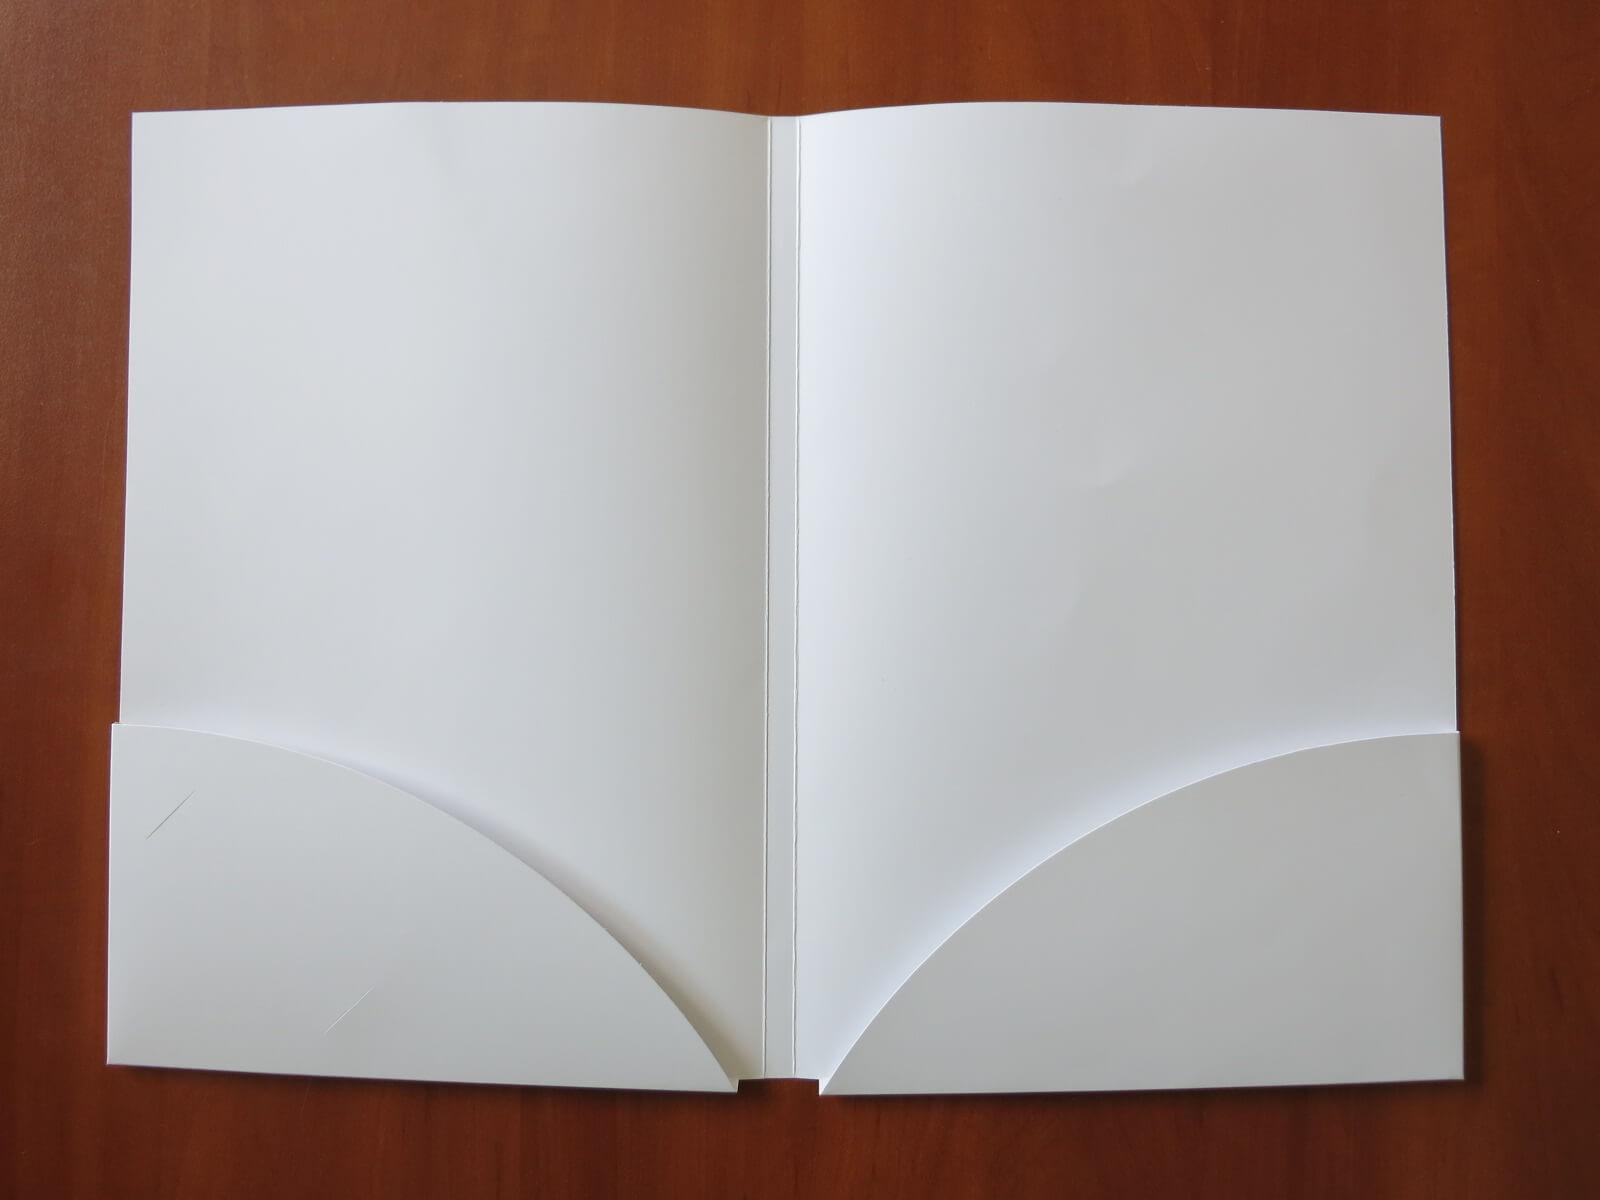 Папки GBG и GIZ - фото 2